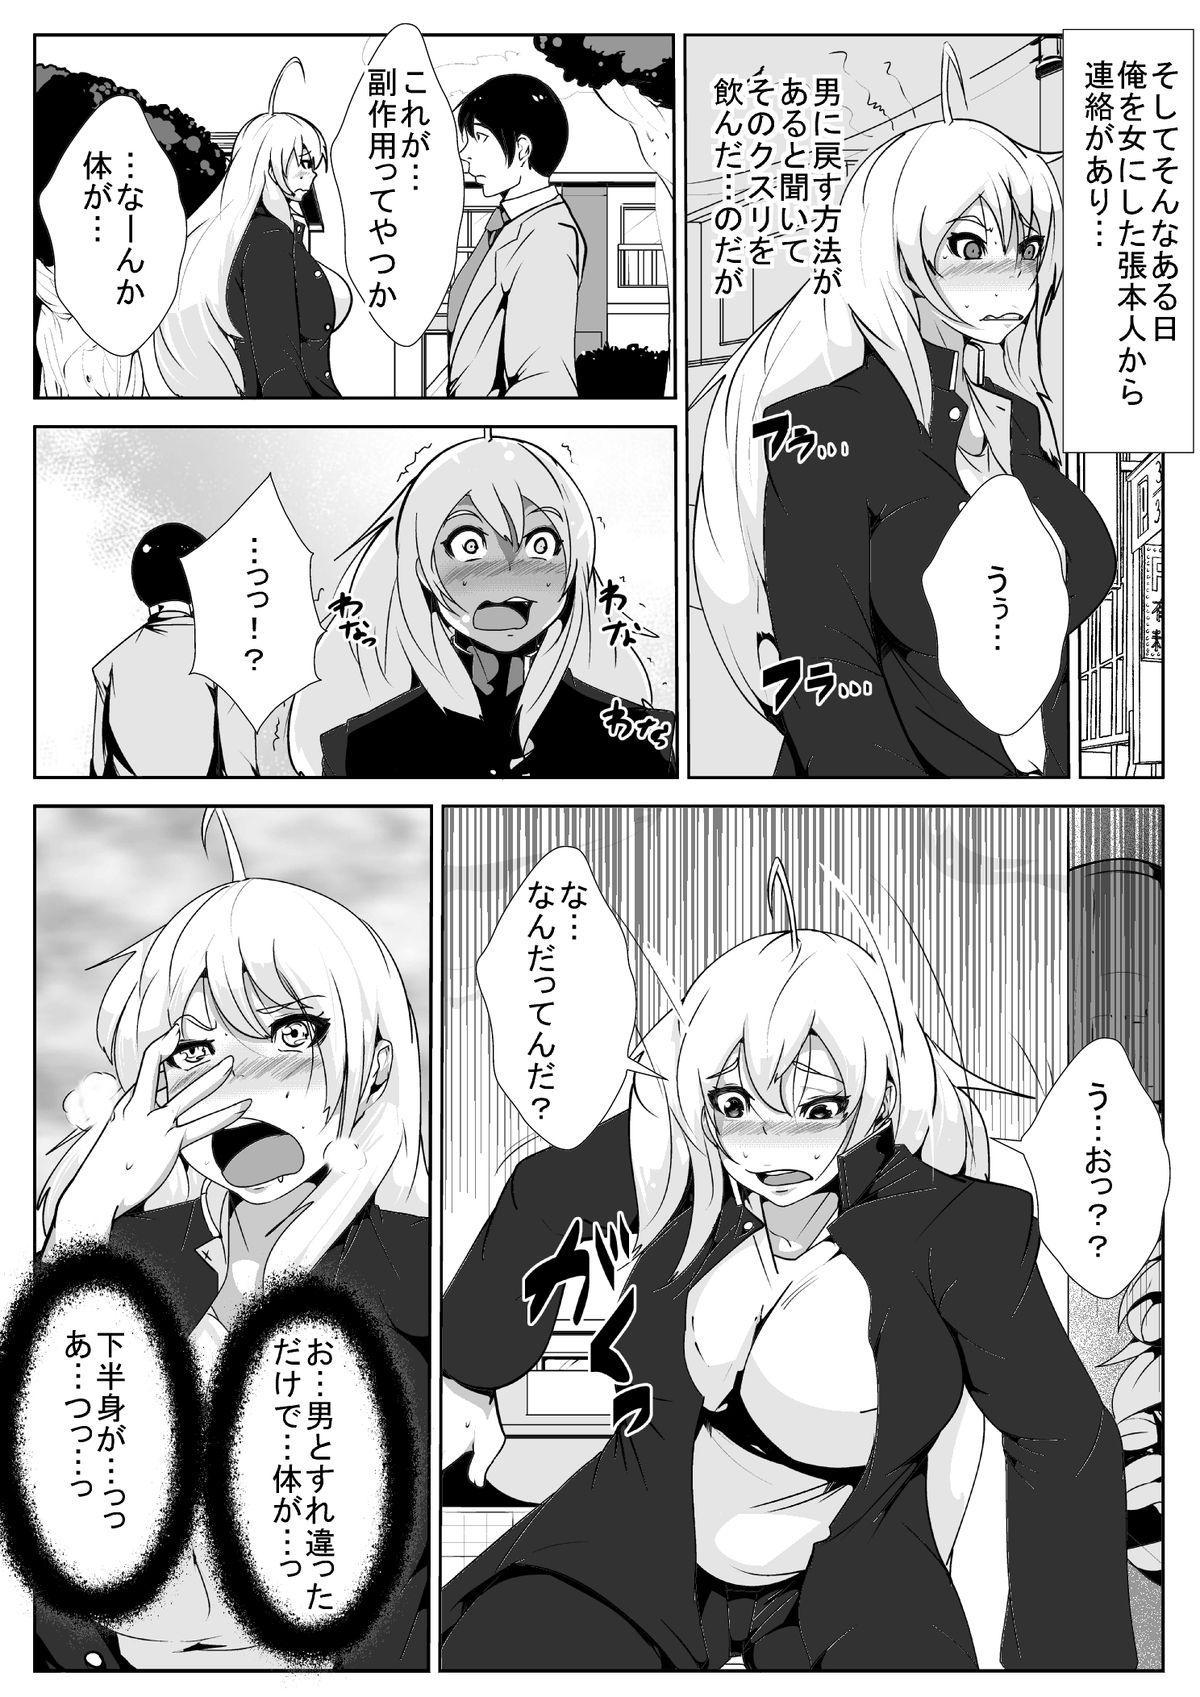 Seitenkan shita Ore ga Ochinpo Chuudoku ni saserareru 3